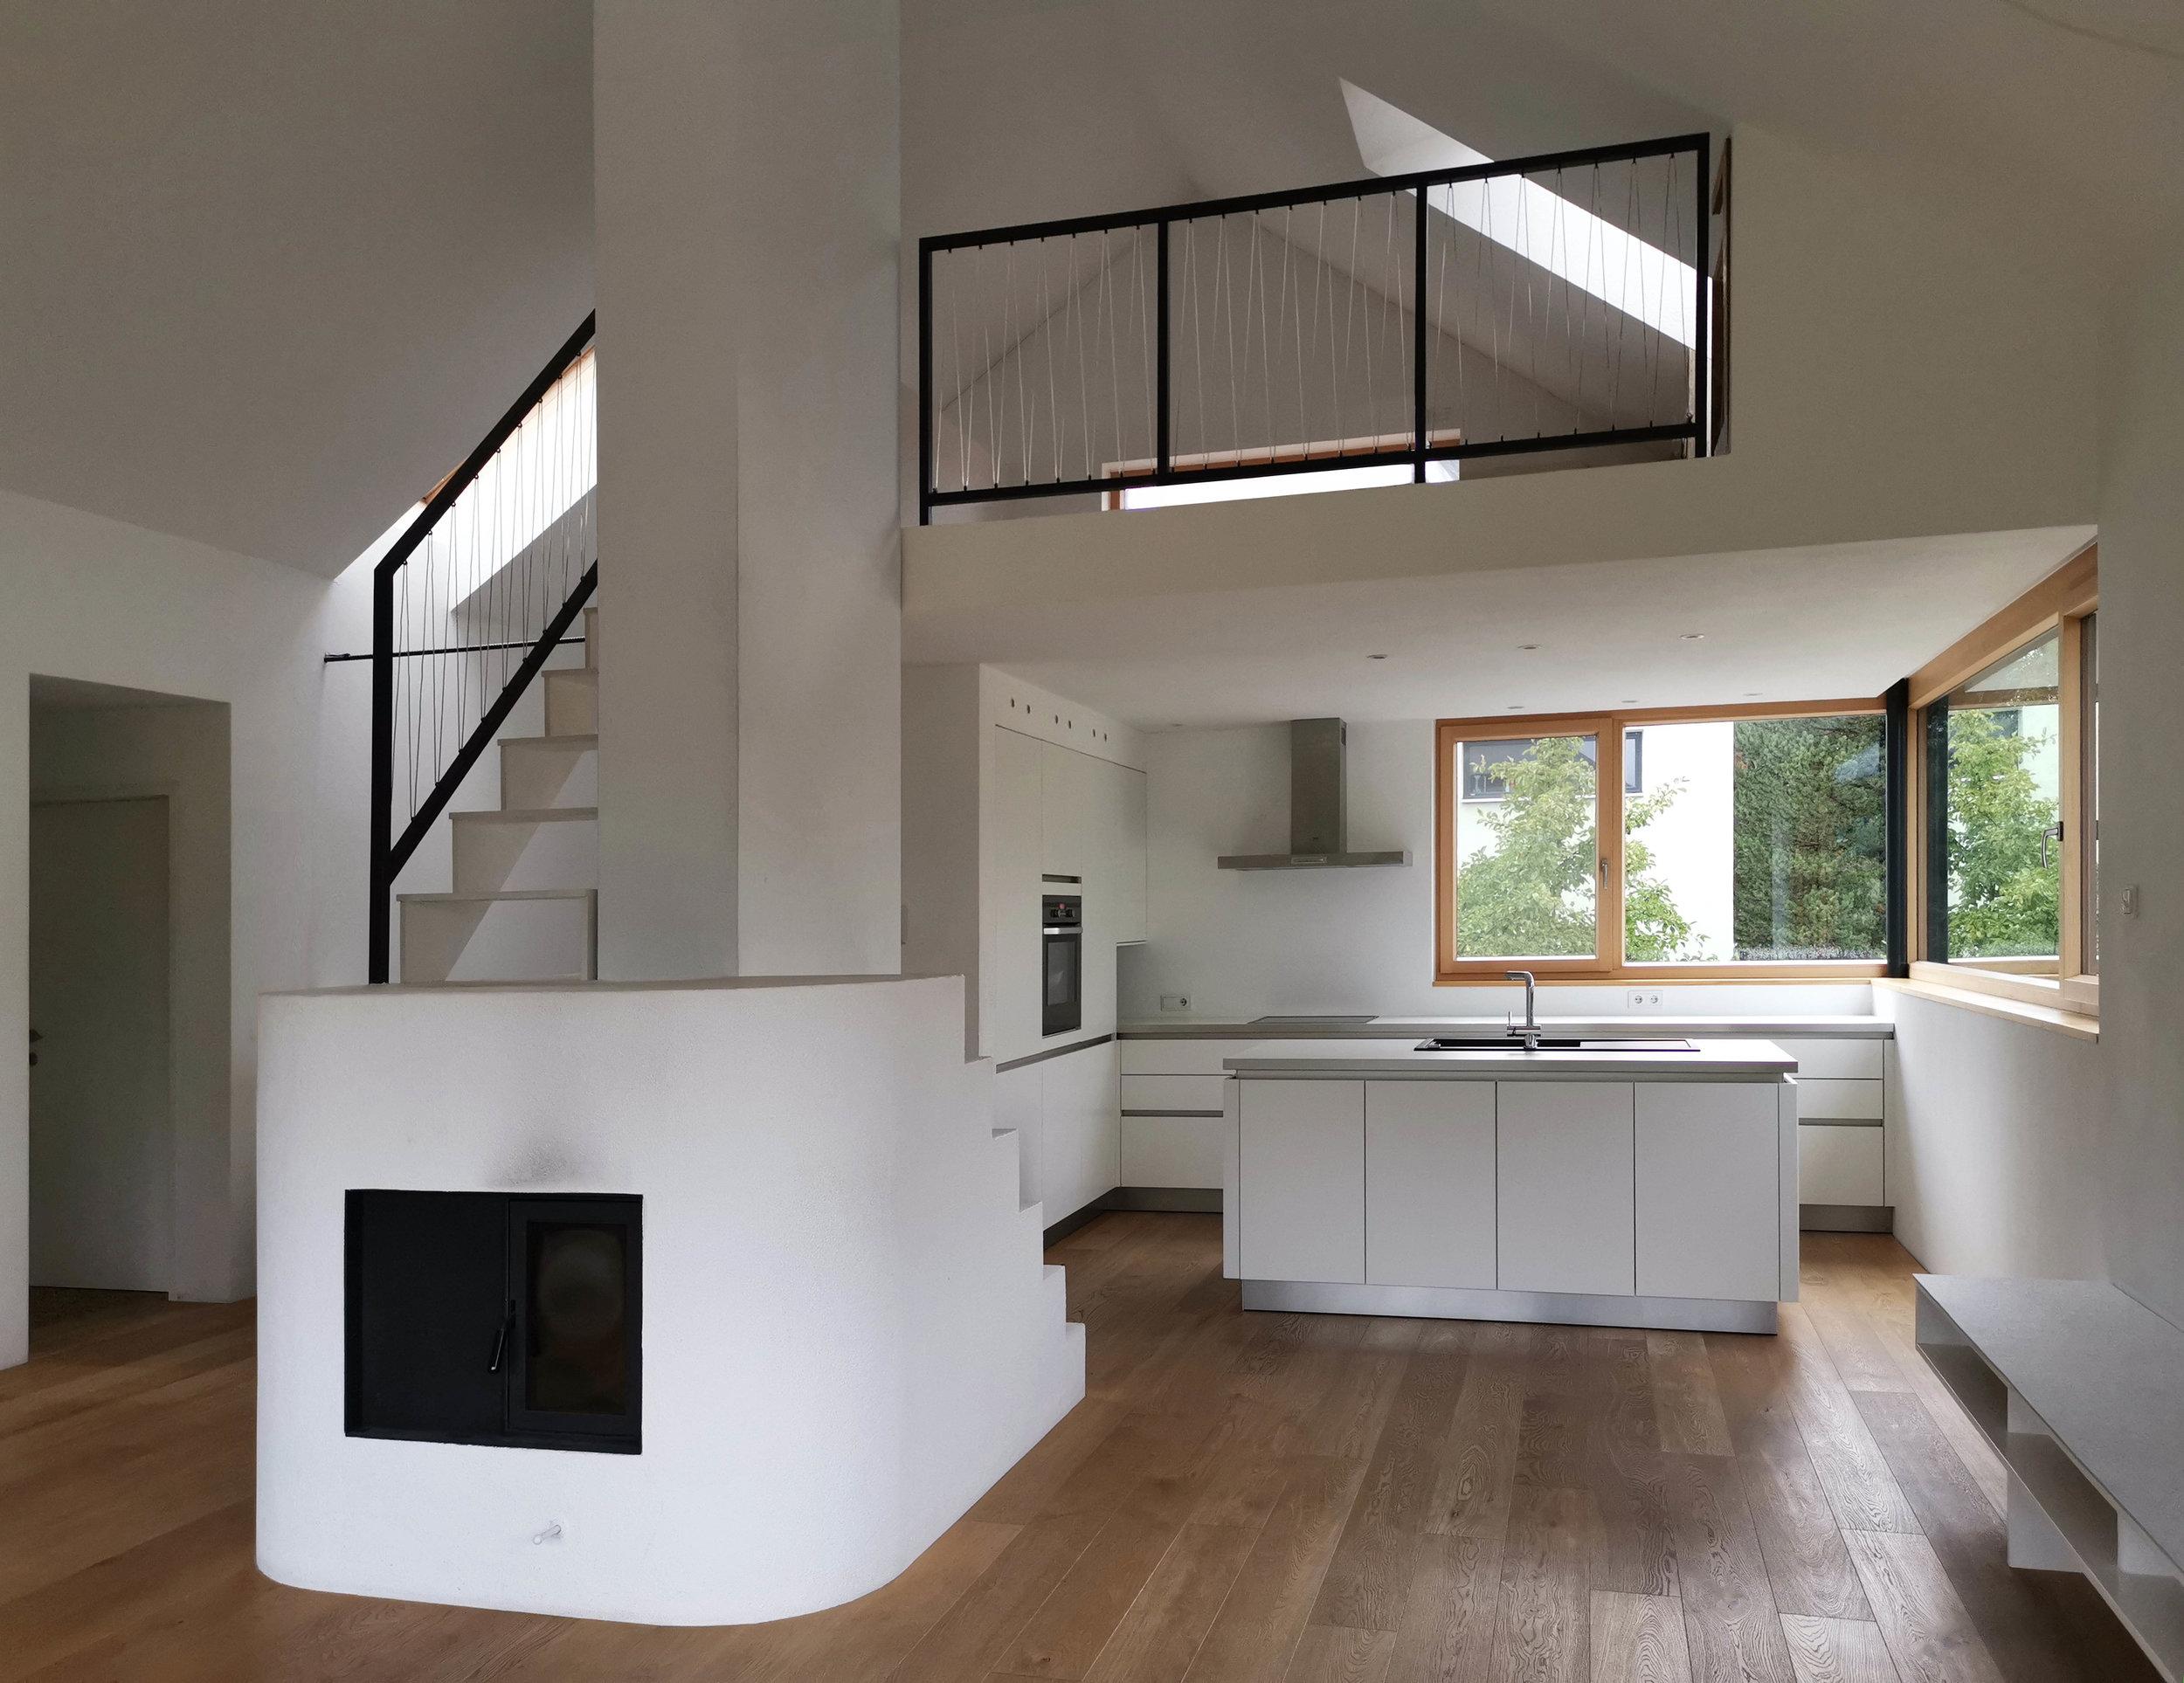 IMST, Wohn- und Essbereich mit Kaminofen als Treppe zur Galerie